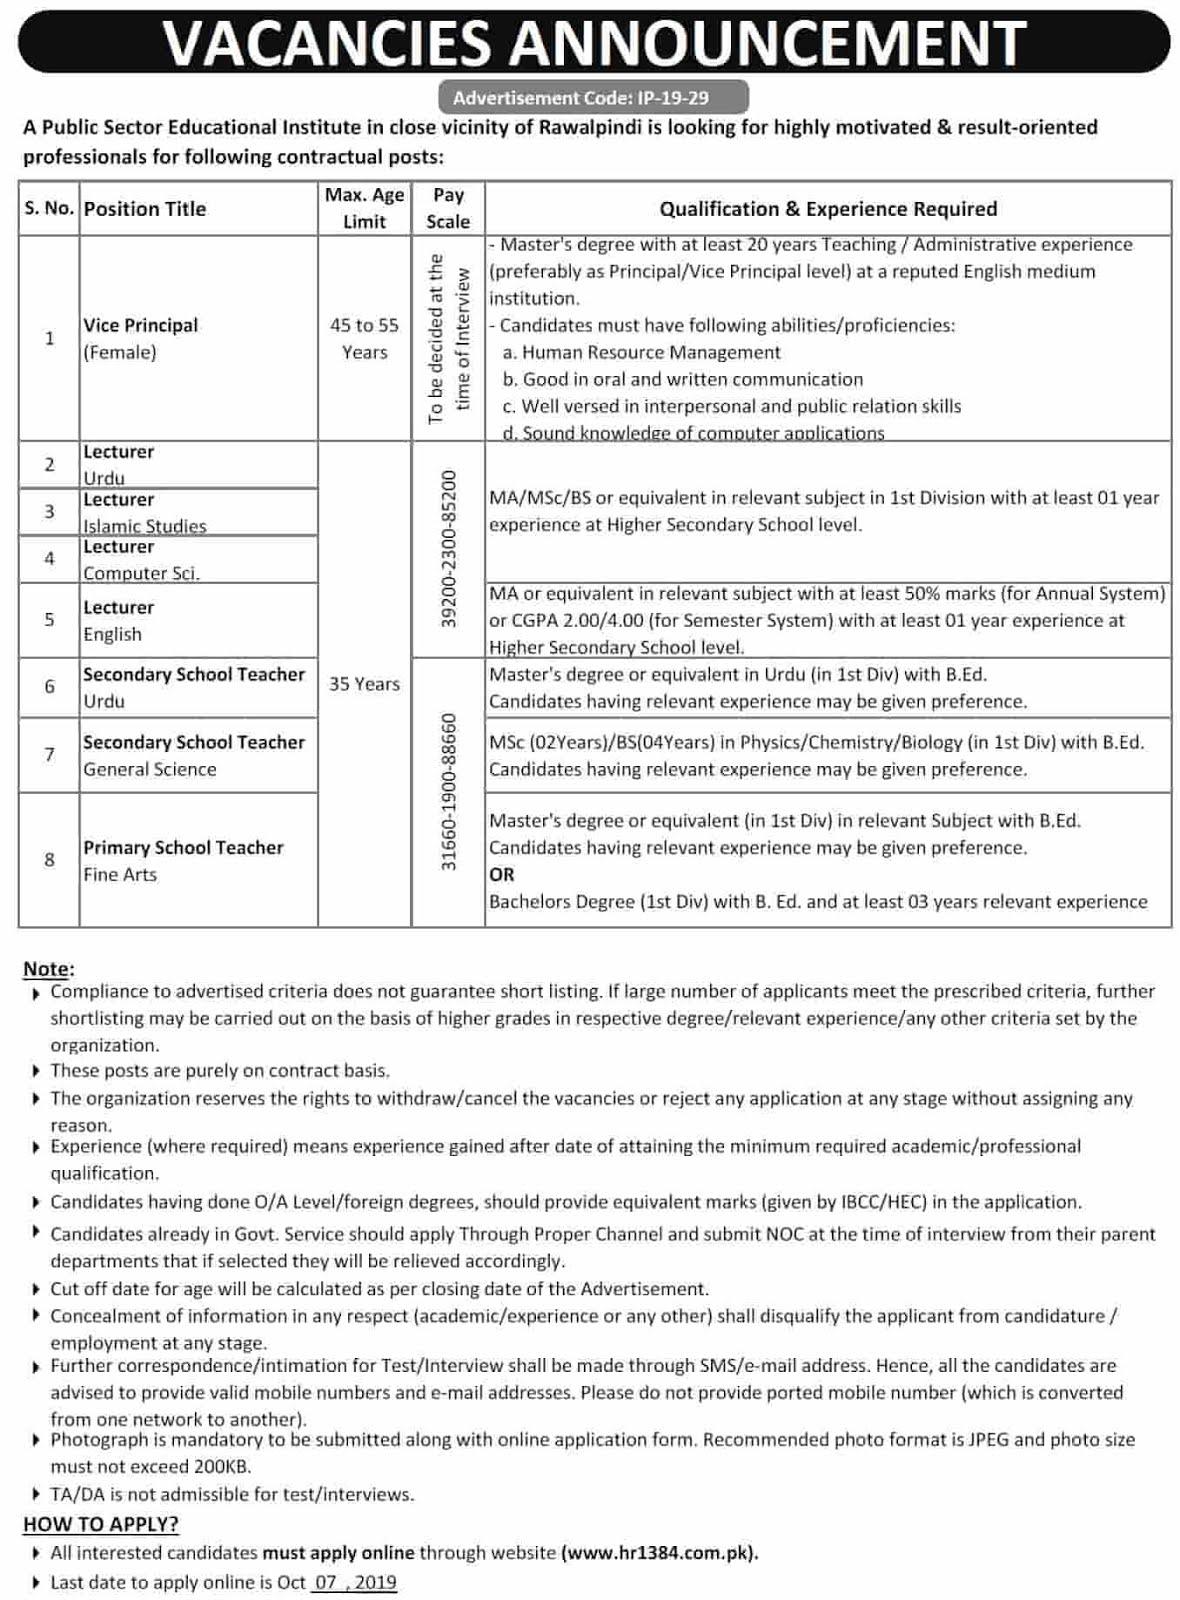 PO Box 1384 Public Sector Institute Rawalpindi Jobs 2019 for Teaching Staff Apply Online www.hr1384.com.pk KRL Latest